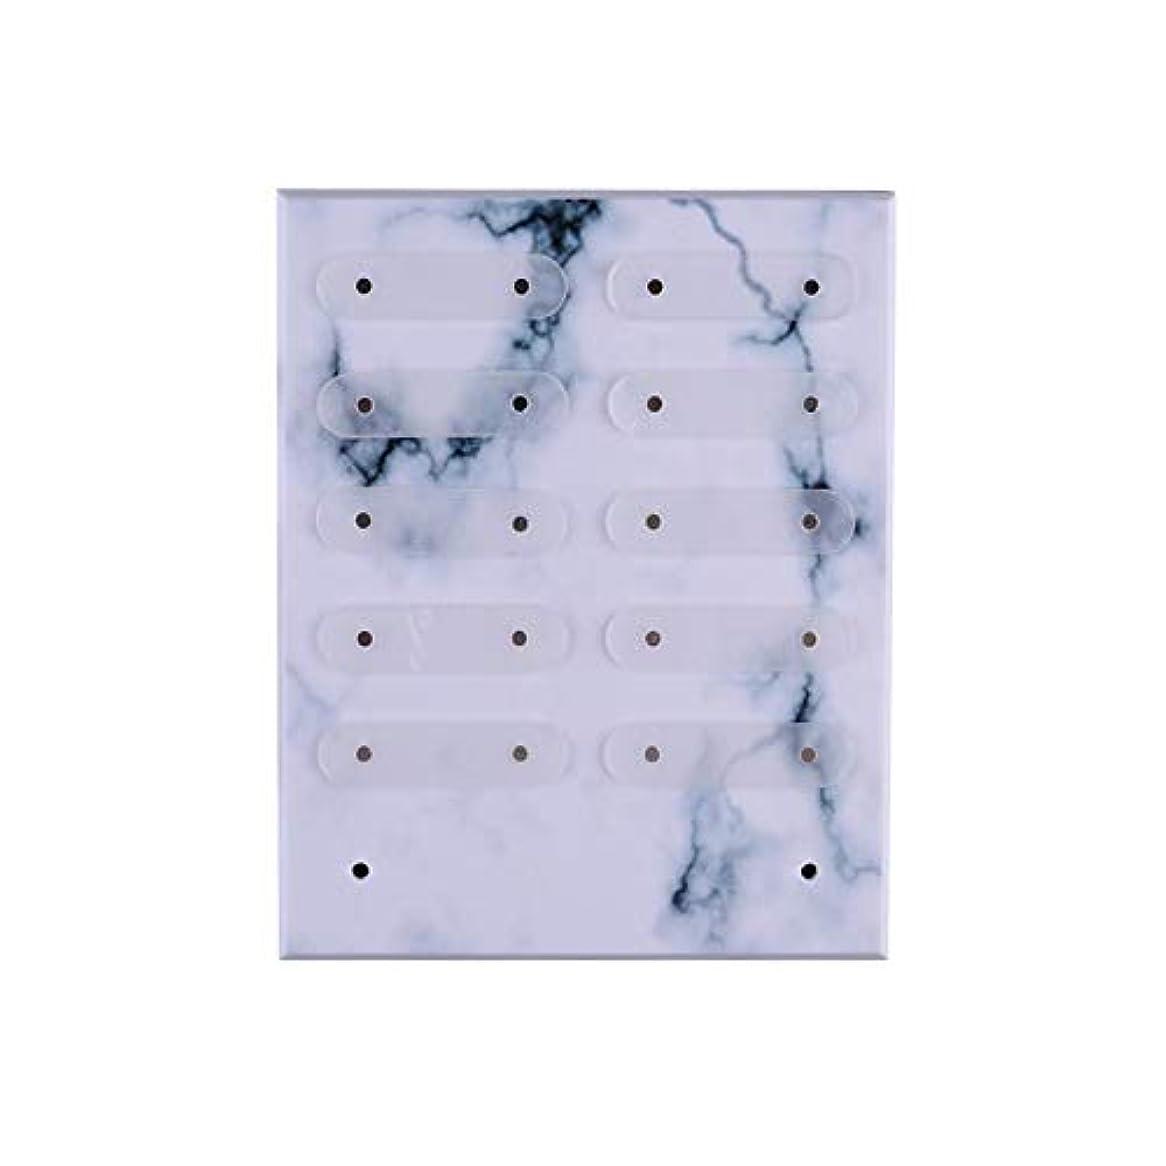 ローマ人無礼に一生Brill(ブリーオ) 三次元Magnetadsorptionネイルアートの表示には、ネイルサロン/マニキュア/ペディキュアのための適切な着脱式スタンド